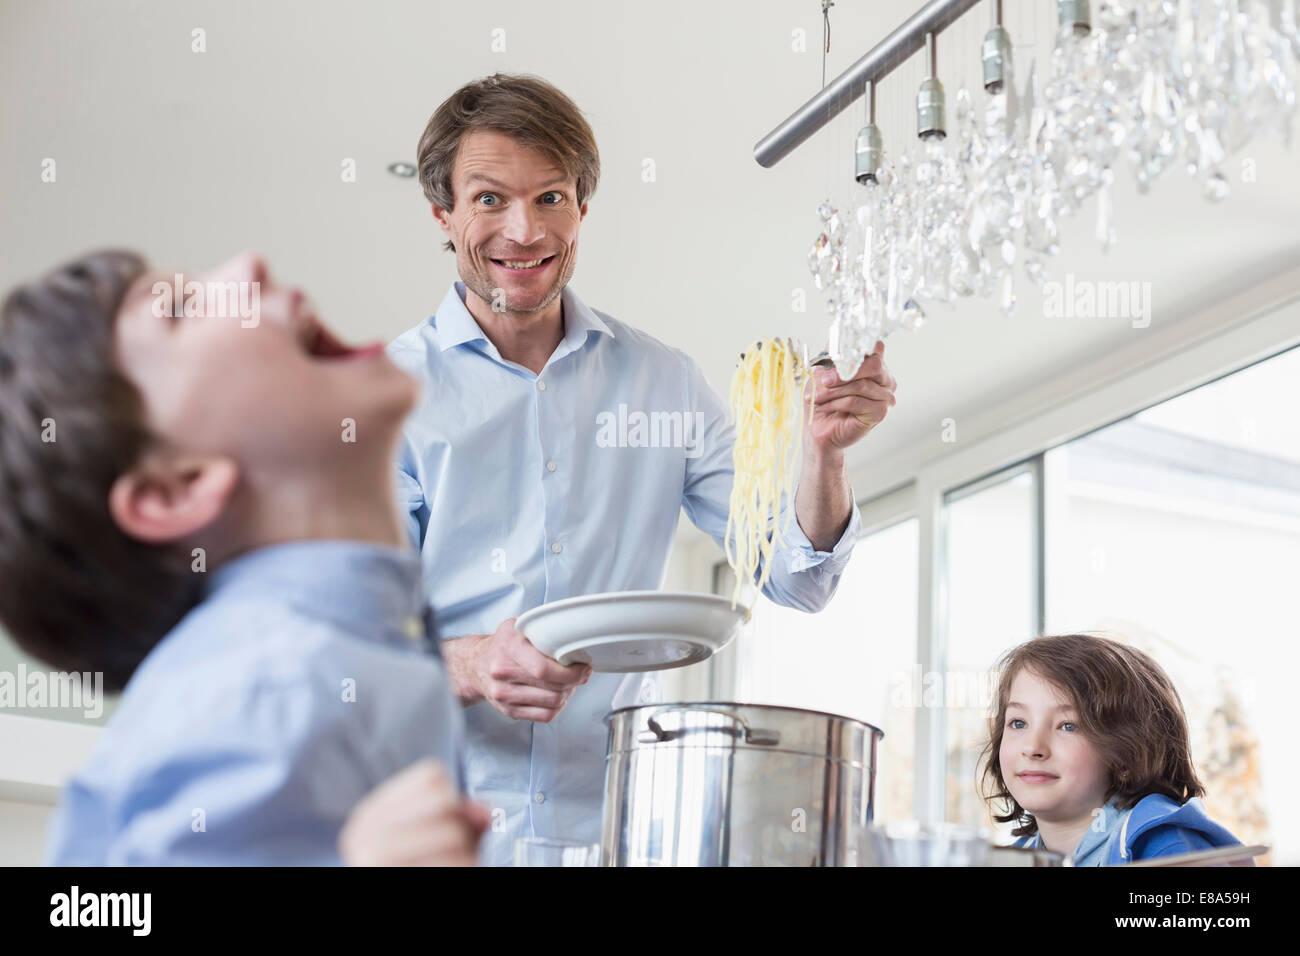 Père part overing repas pour enfants Photo Stock